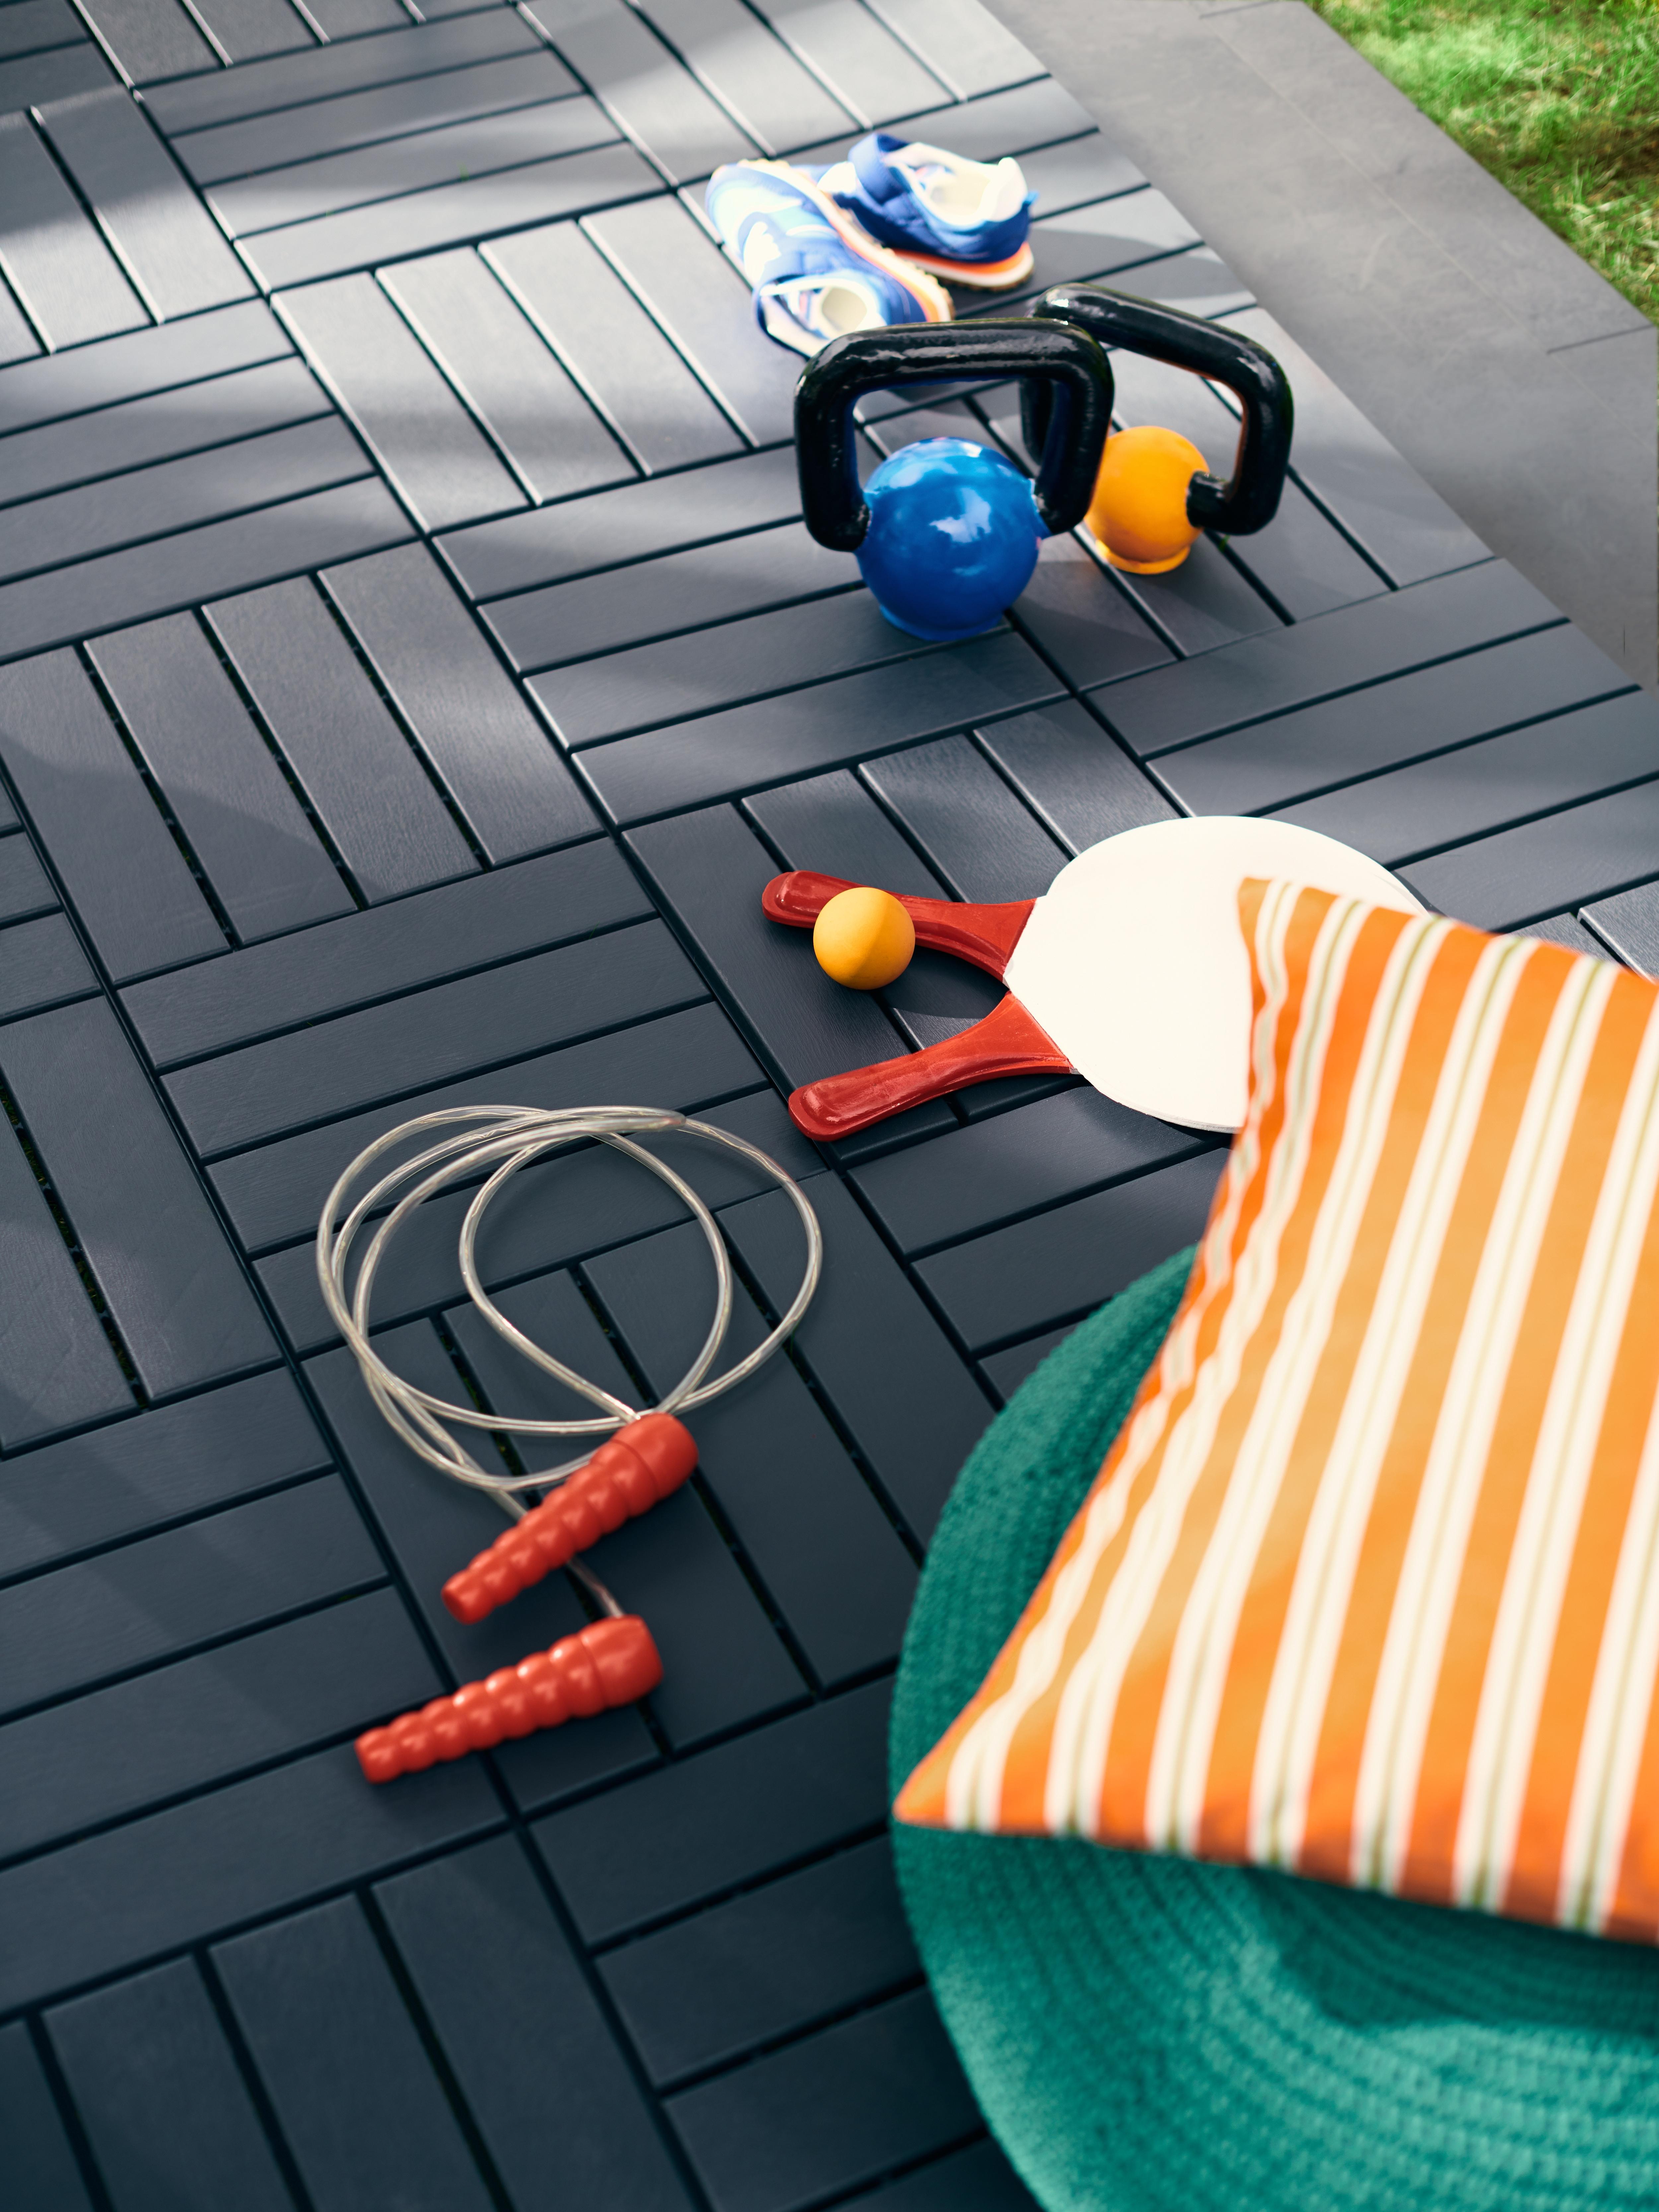 Ukrasni jastuk, tabure, utezi, cipele, reketi za lopte za plažu i LUSTIGT uže za preskakanje koje stoji na RUNNEN vanjskoj podnoj oblozi.